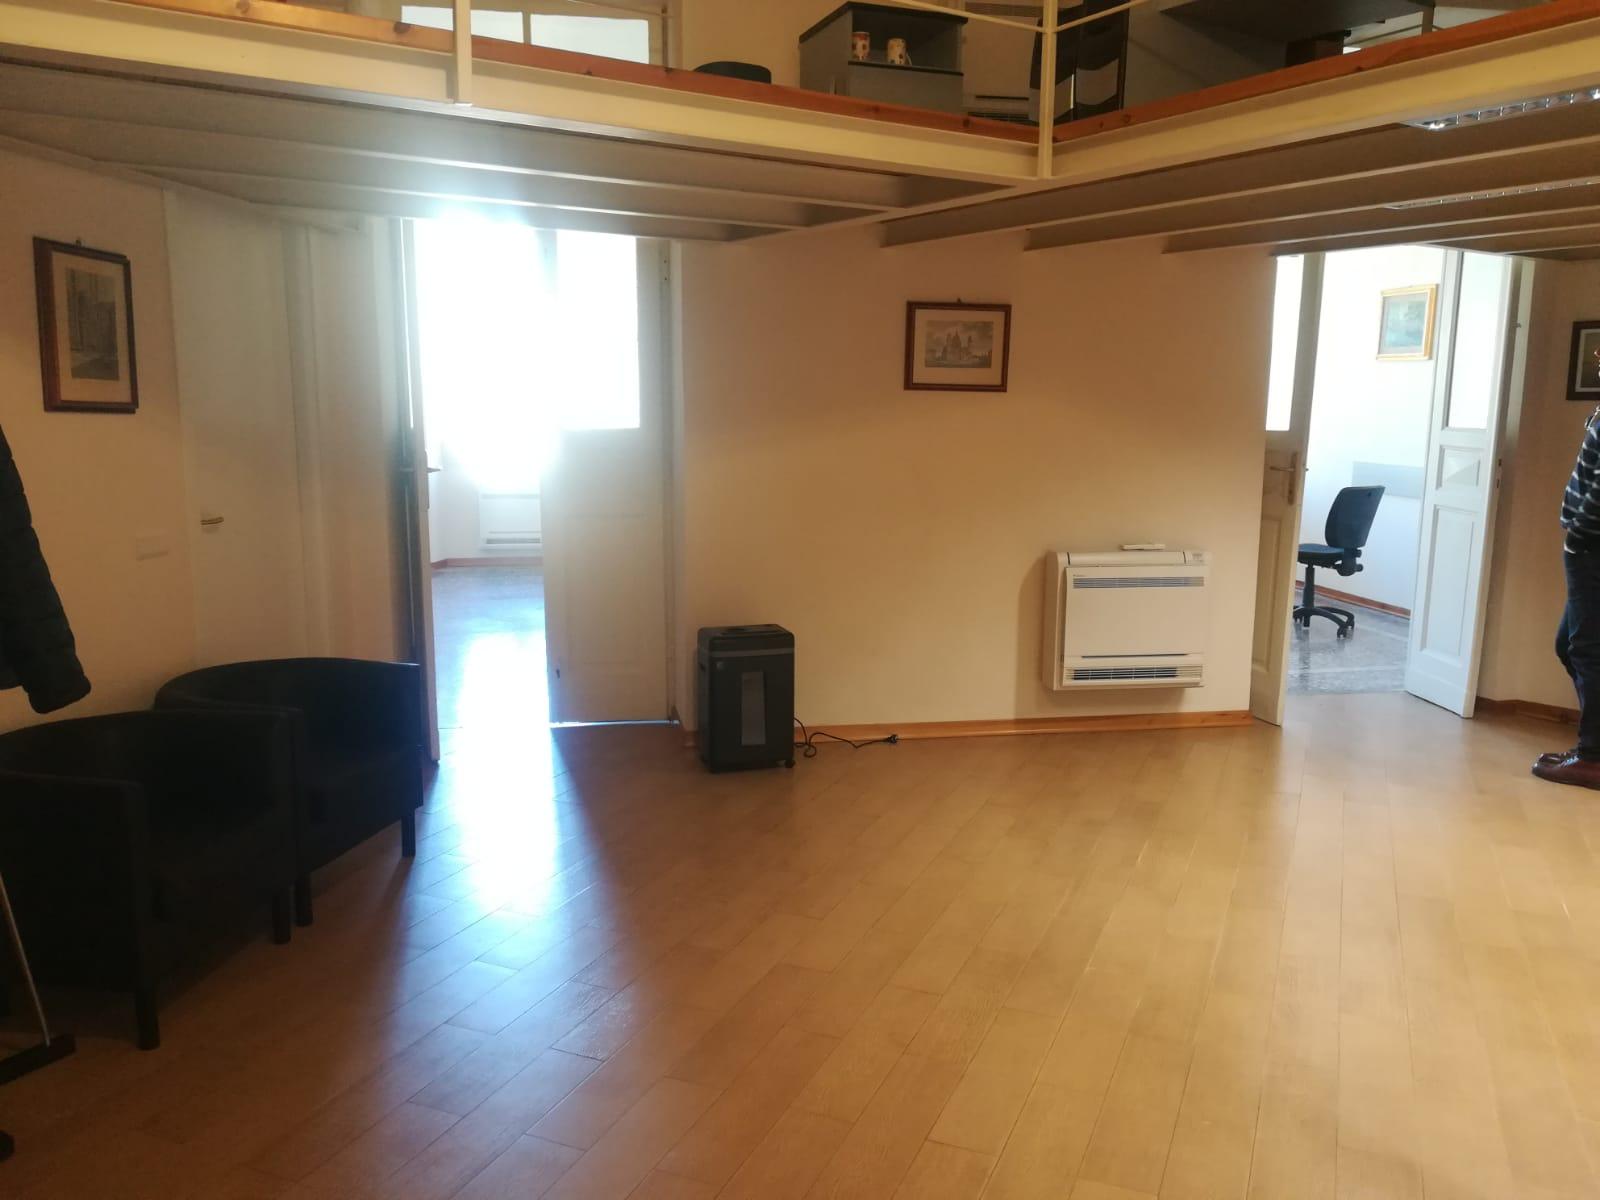 Appartamento in vendita a Imperia, 3 locali, zona Località: via Bonfante, prezzo € 290.000 | CambioCasa.it